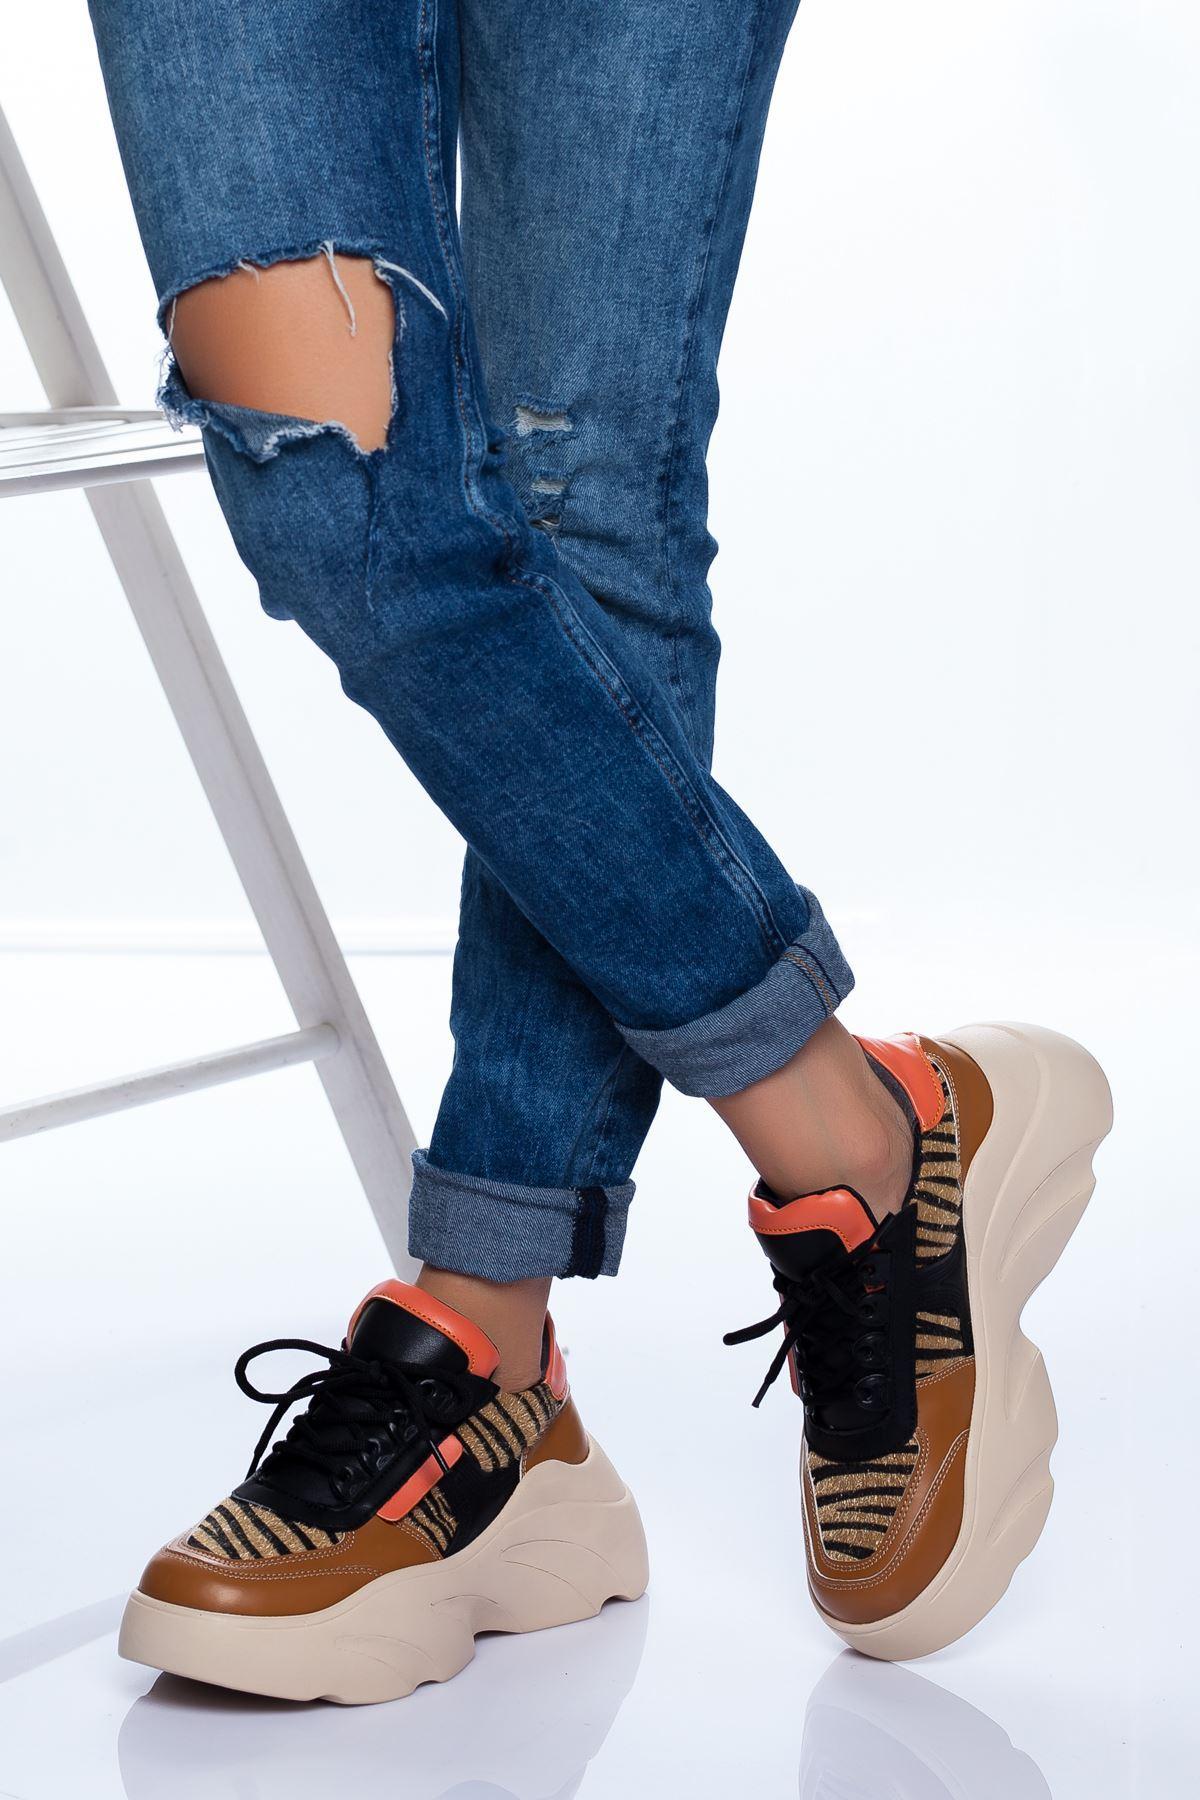 Jenna Spor Ayakkabı KAHVE